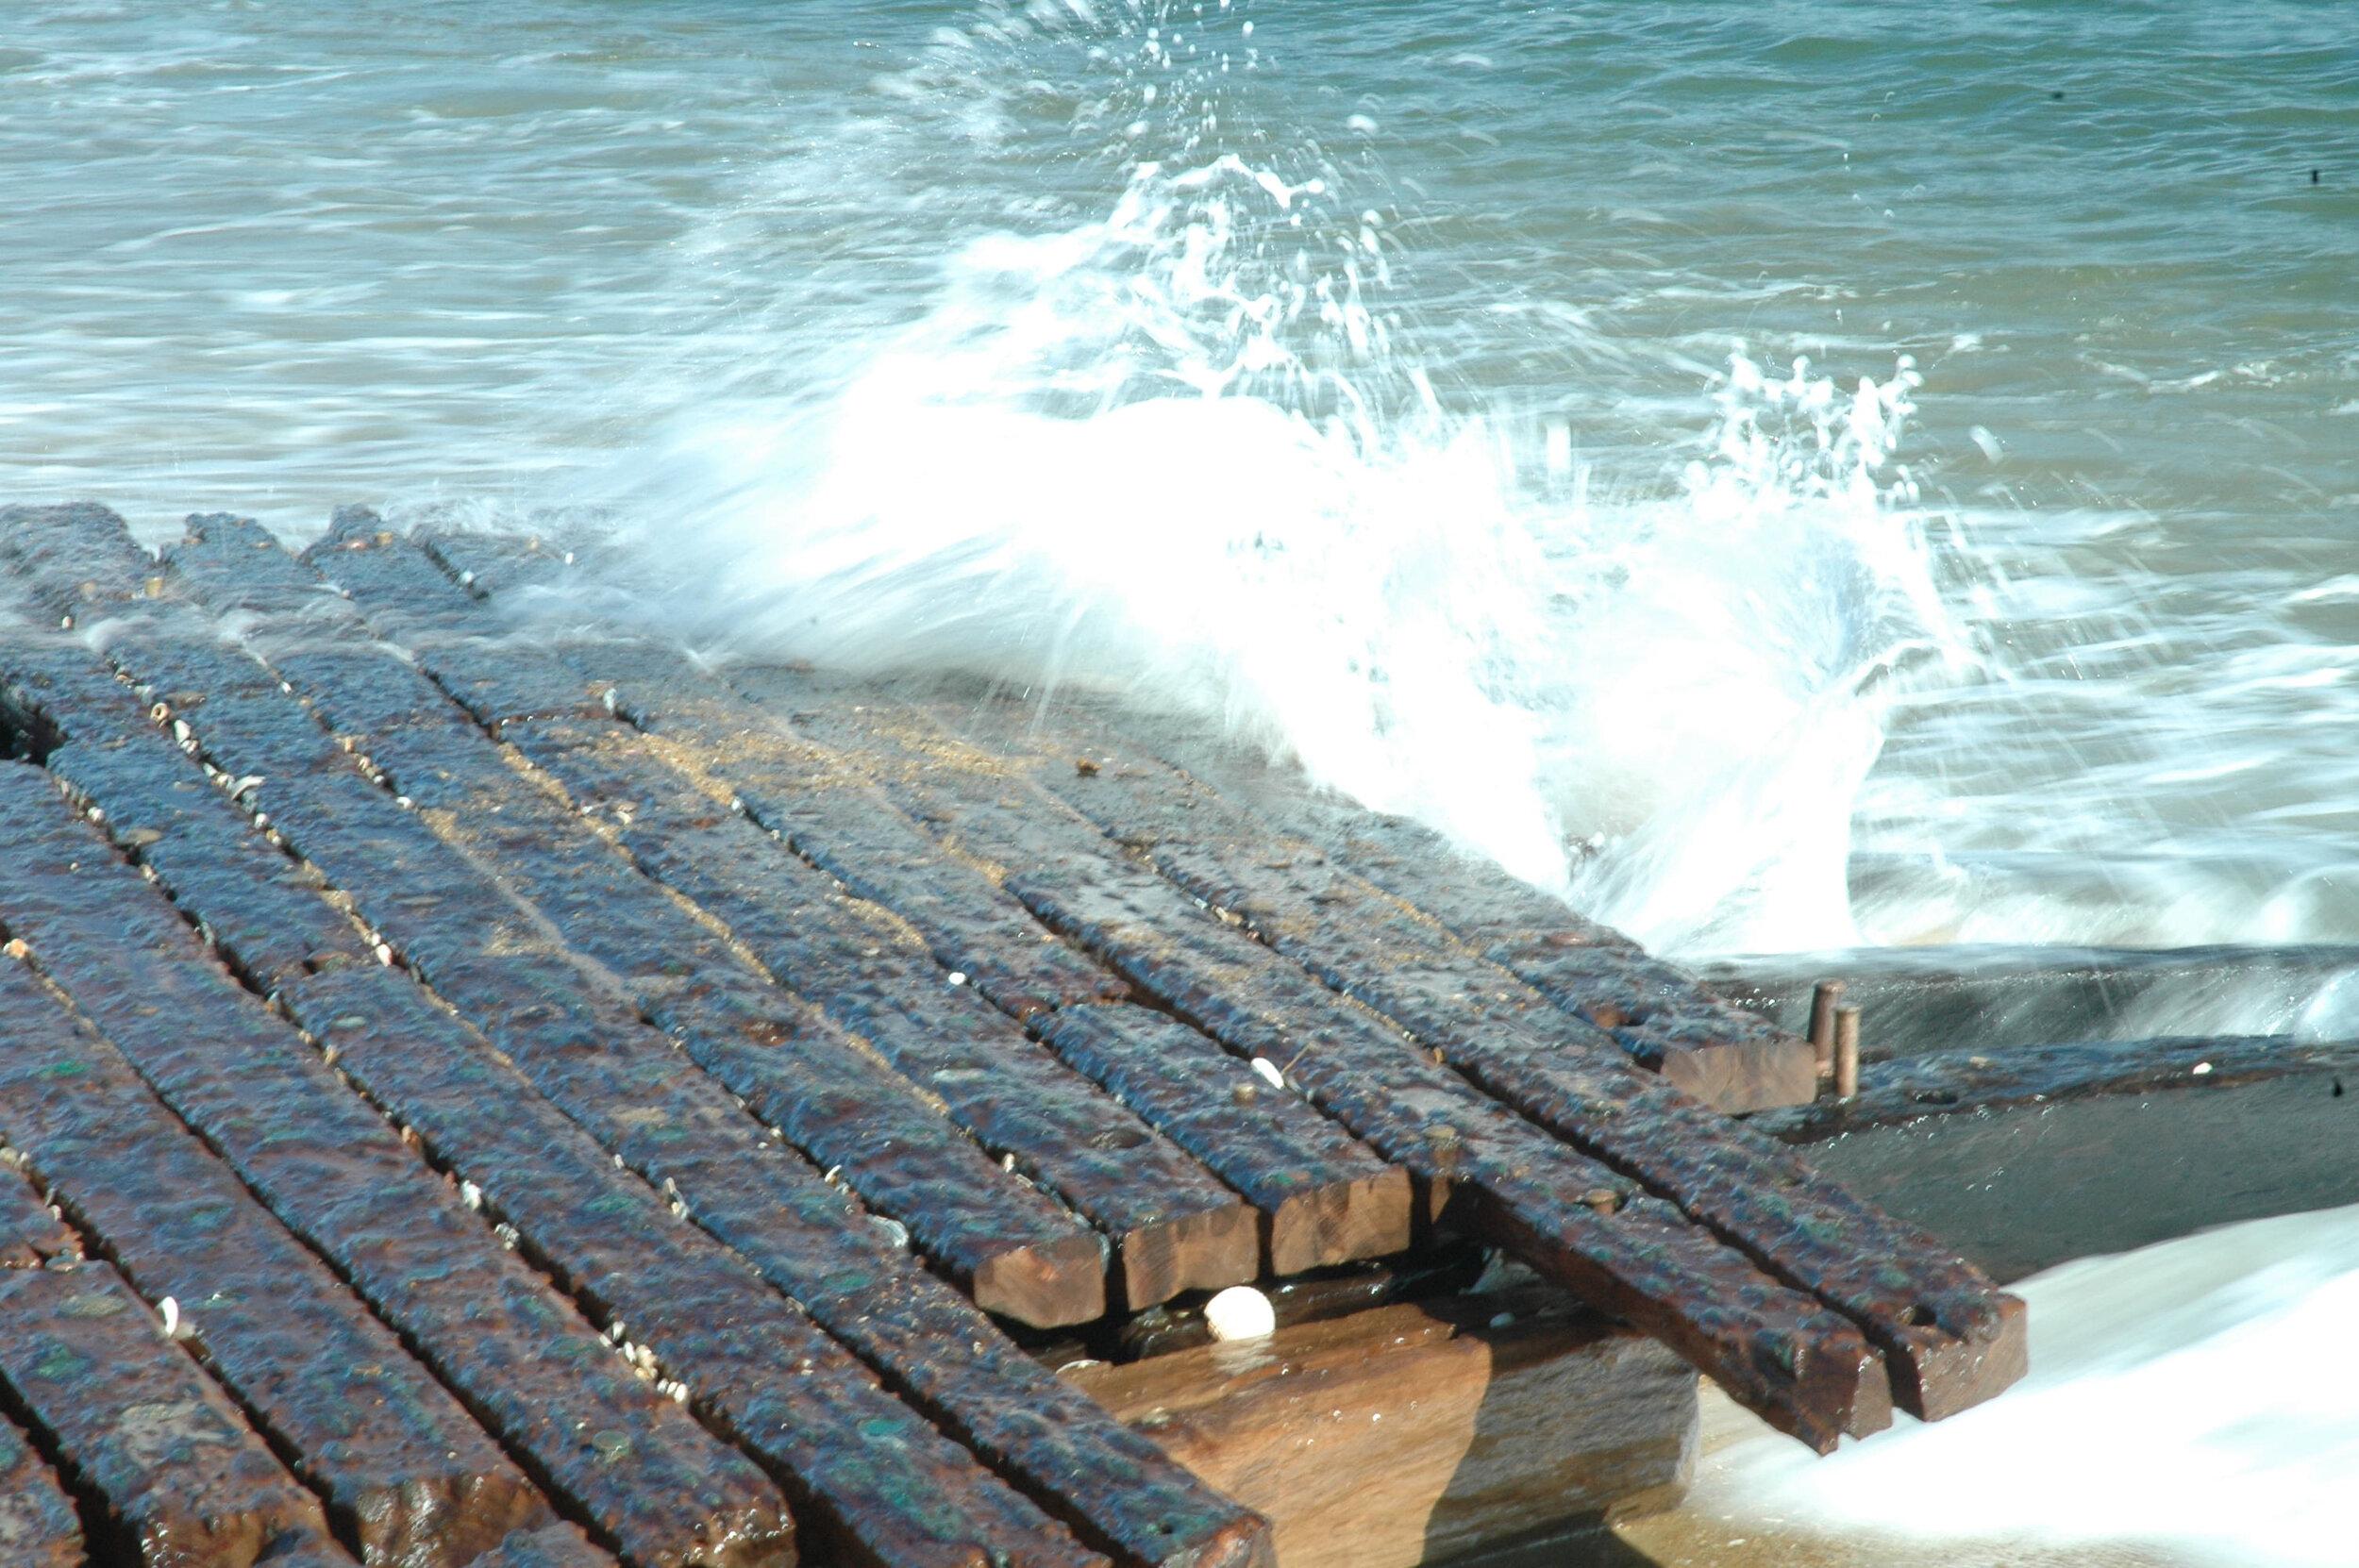 Kill Devil Come the Storm's    cover shows the same shipwreck